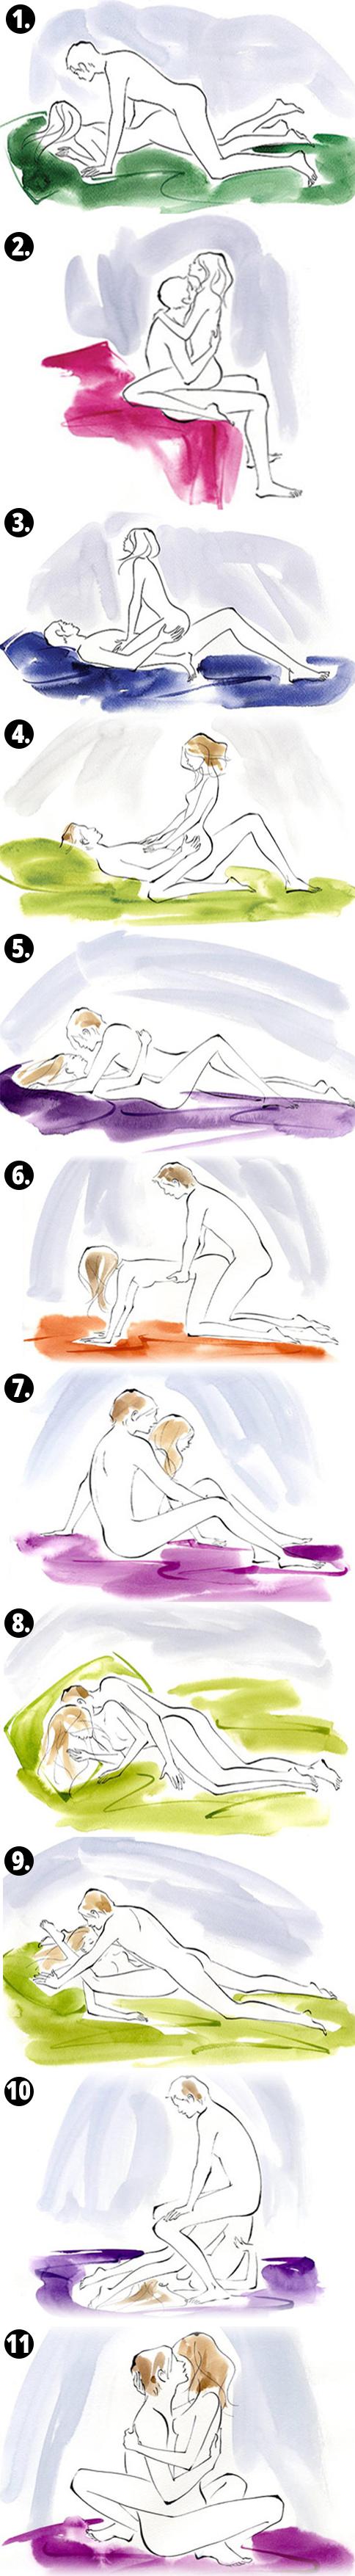 poziții pentru penetrarea profundă a penisului